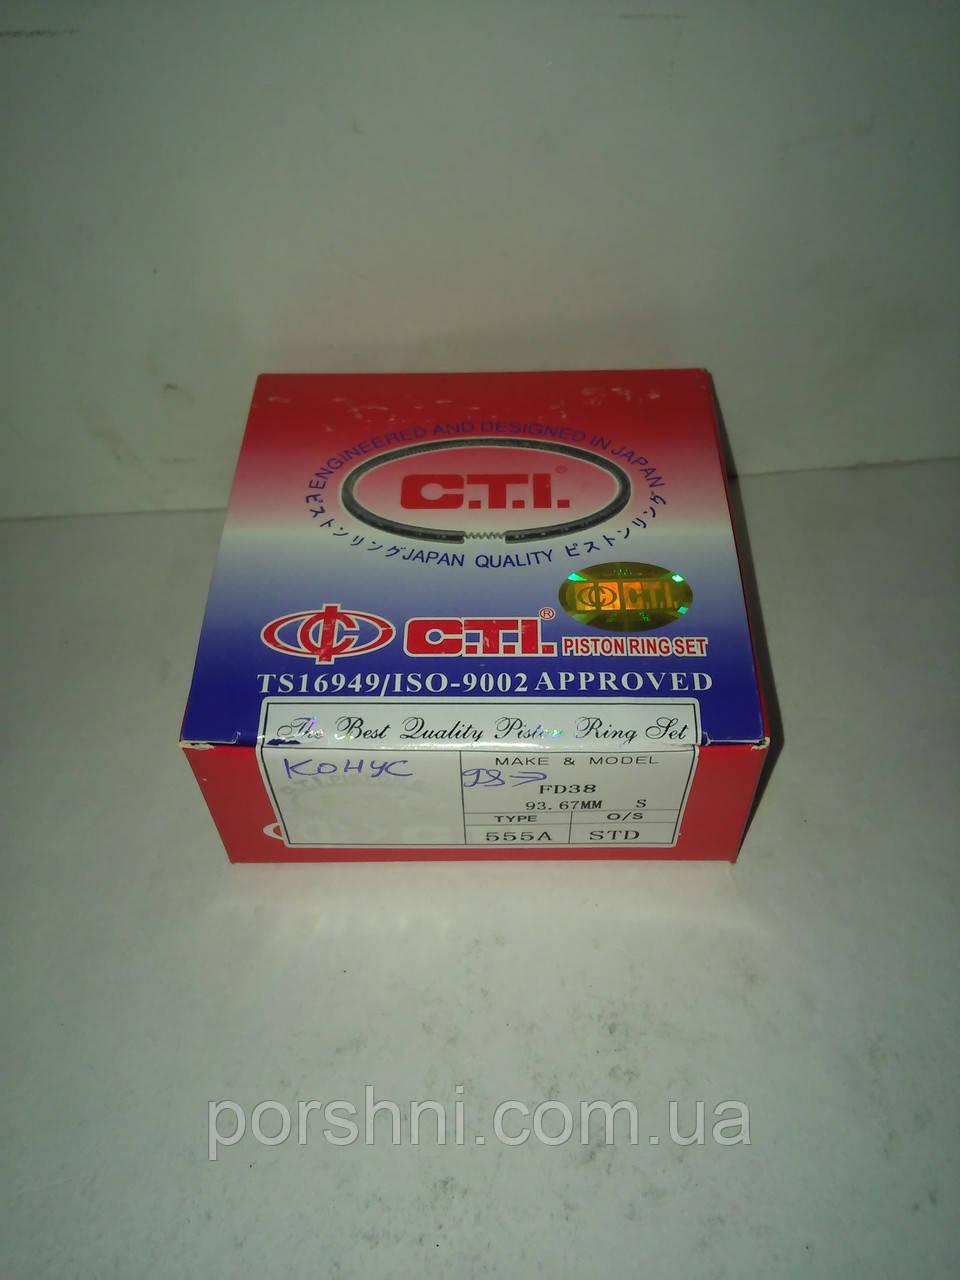 Поршневые кольца Ford   Transit  2.5 D.TD  97 --     93.67  STD  2.5 x 2 x 4   конусные  C.T.I  FD38